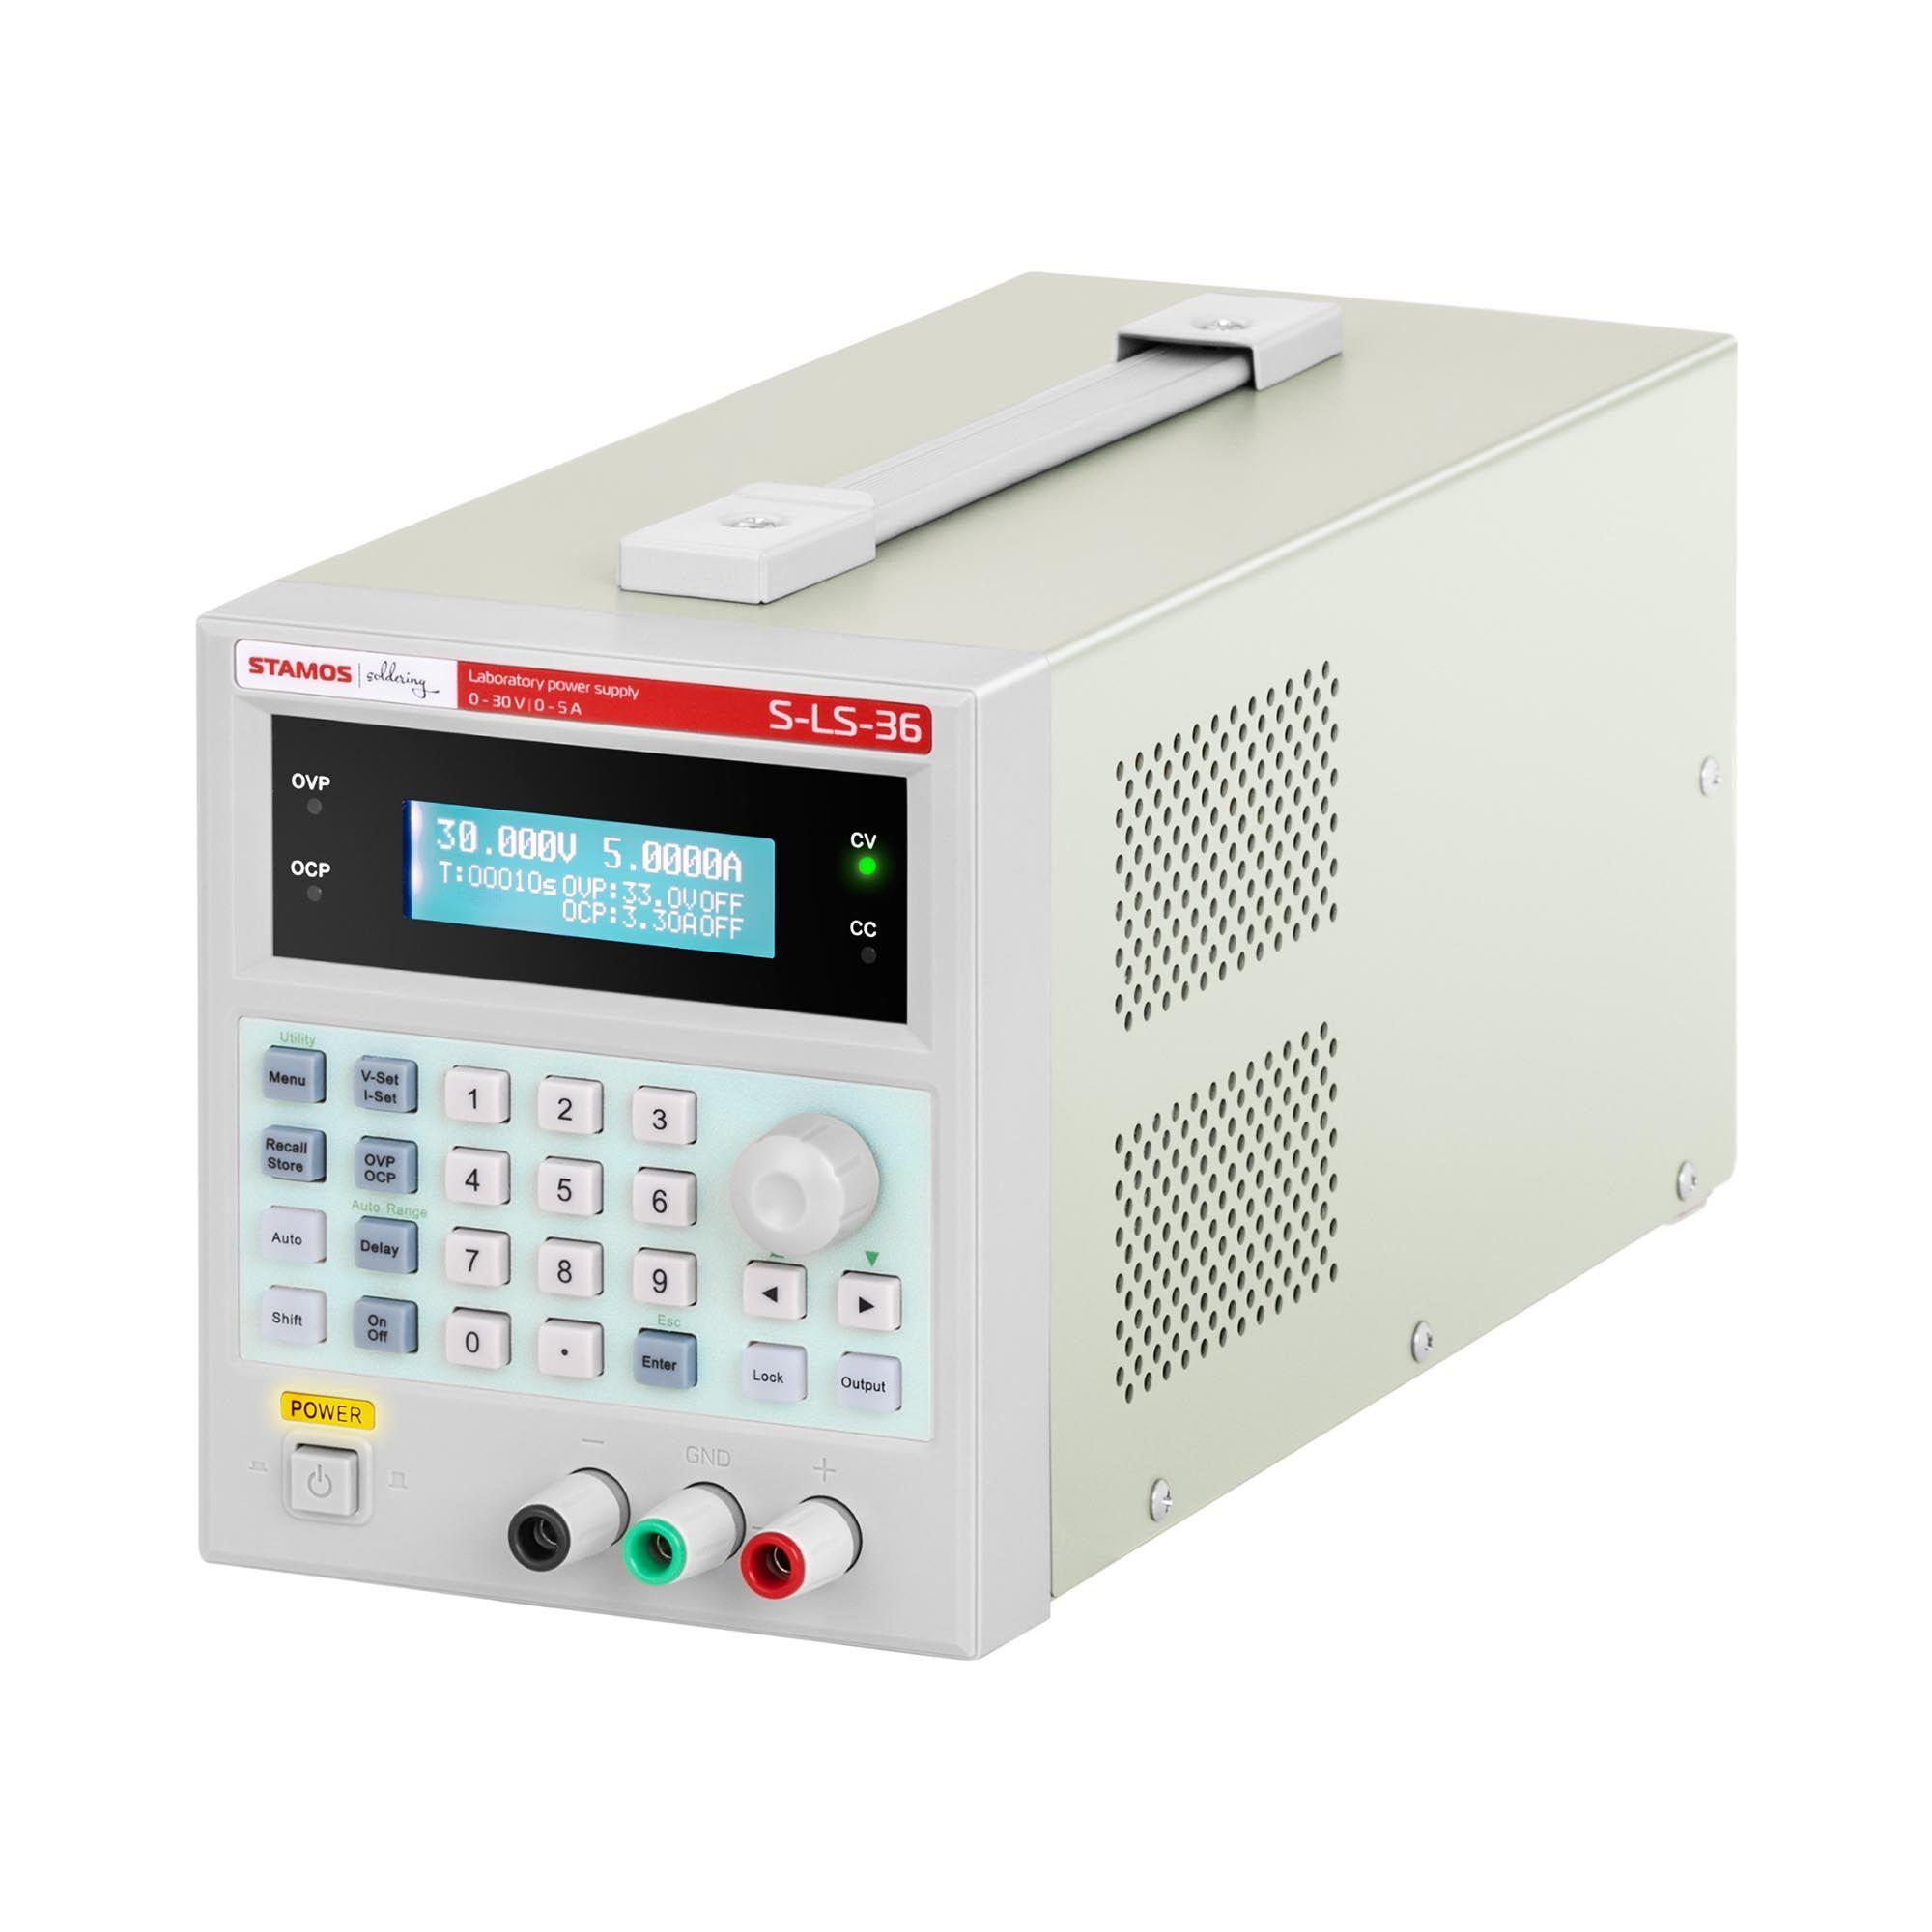 Stamos Soldering Alimentation de laboratoire - 0-30 V - 0-5 A CC - 150 W - USB - 100 espaces de sauvegarde S-LS-36